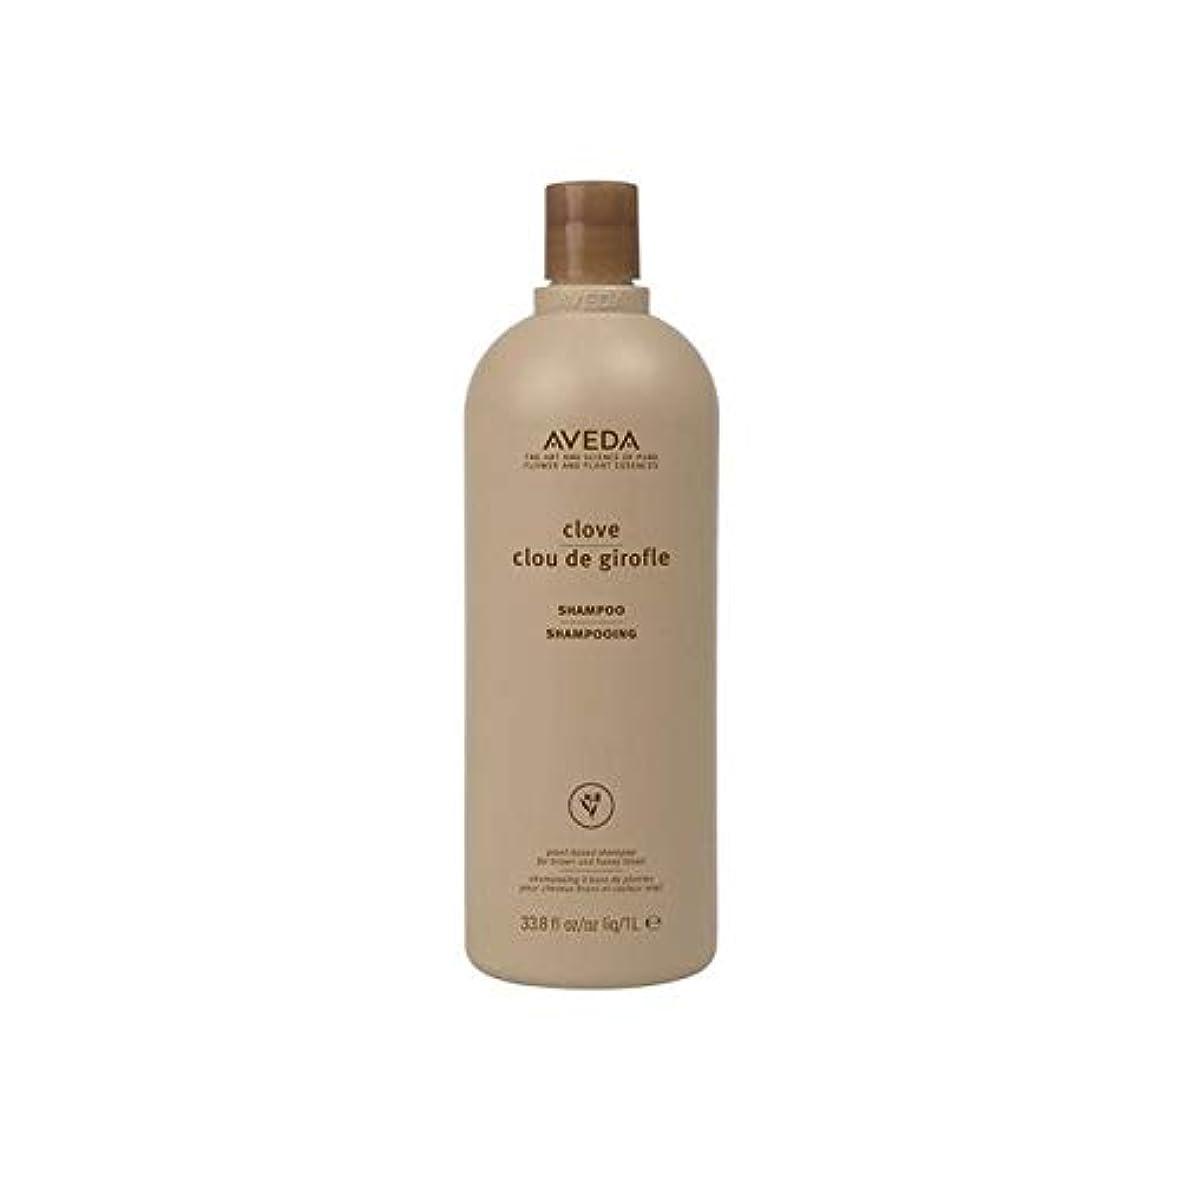 毎月空いている幅[AVEDA ] アヴェダ純粋な植物クローブシャンプー(千ミリリットル) - Aveda Pure Plant Clove Shampoo (1000ml) [並行輸入品]